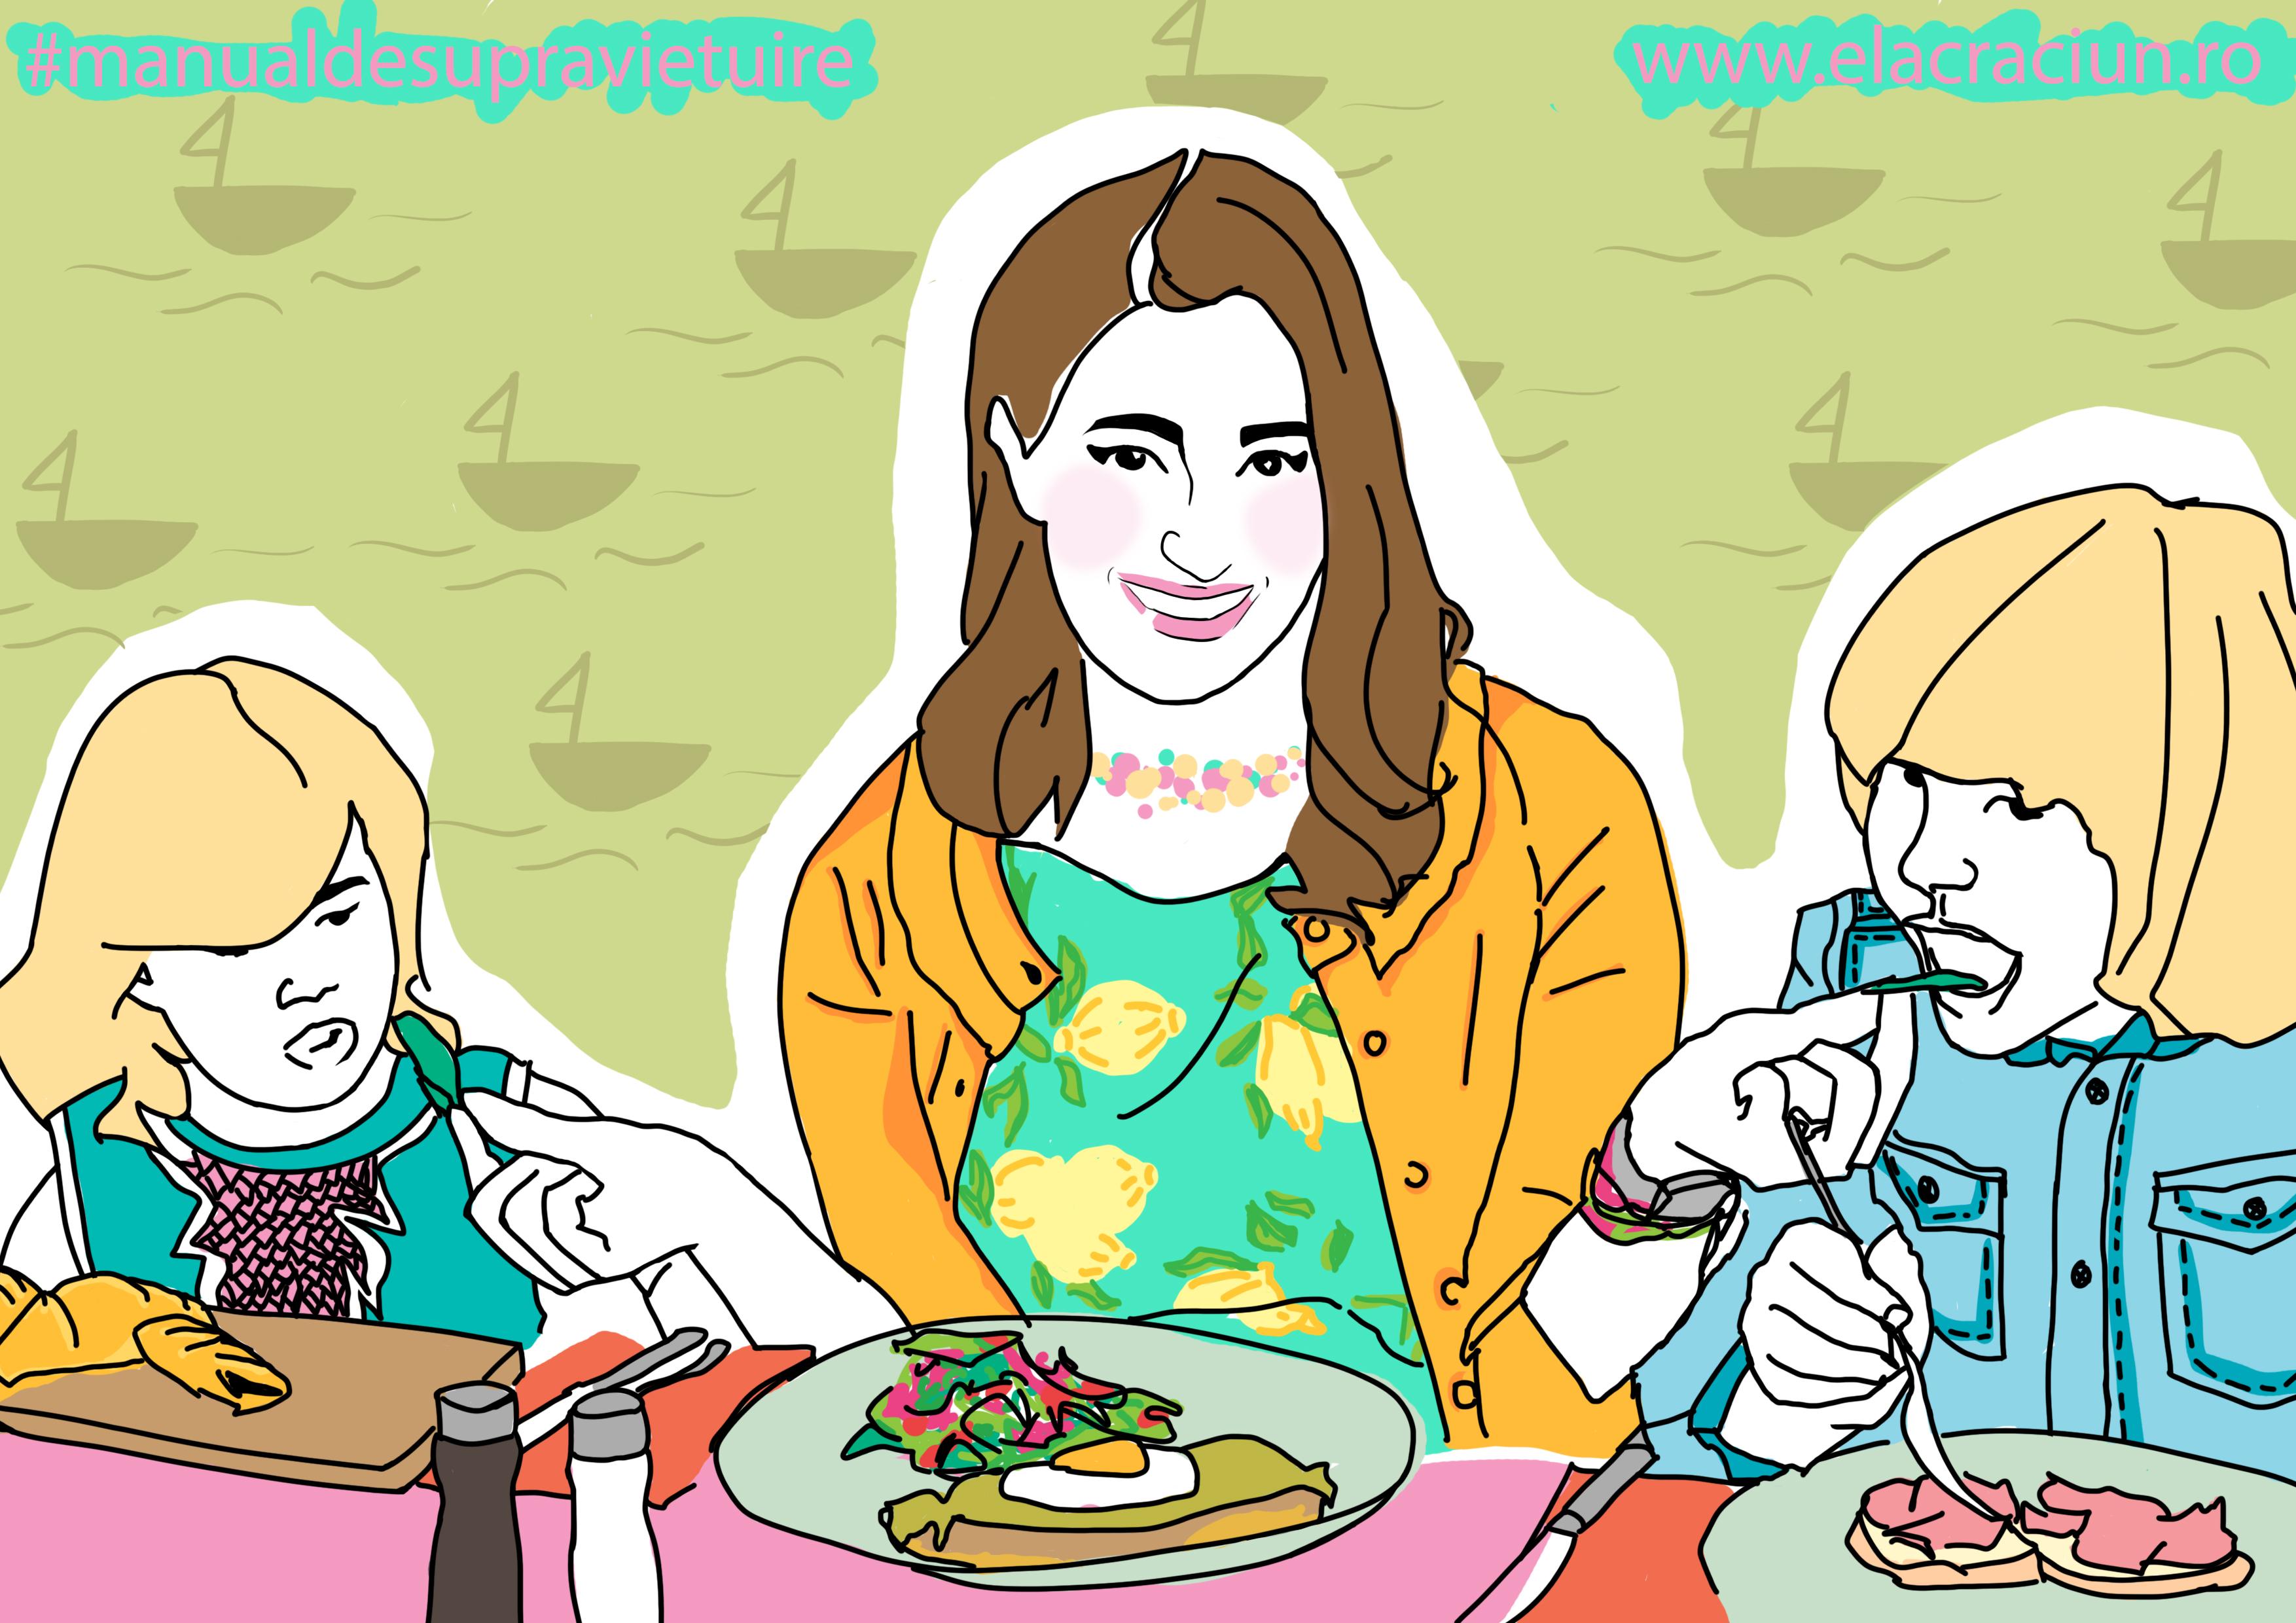 Copiii ce mănâncă în vacanță? Iată ce ne sfătuiește medicul nutriționist!